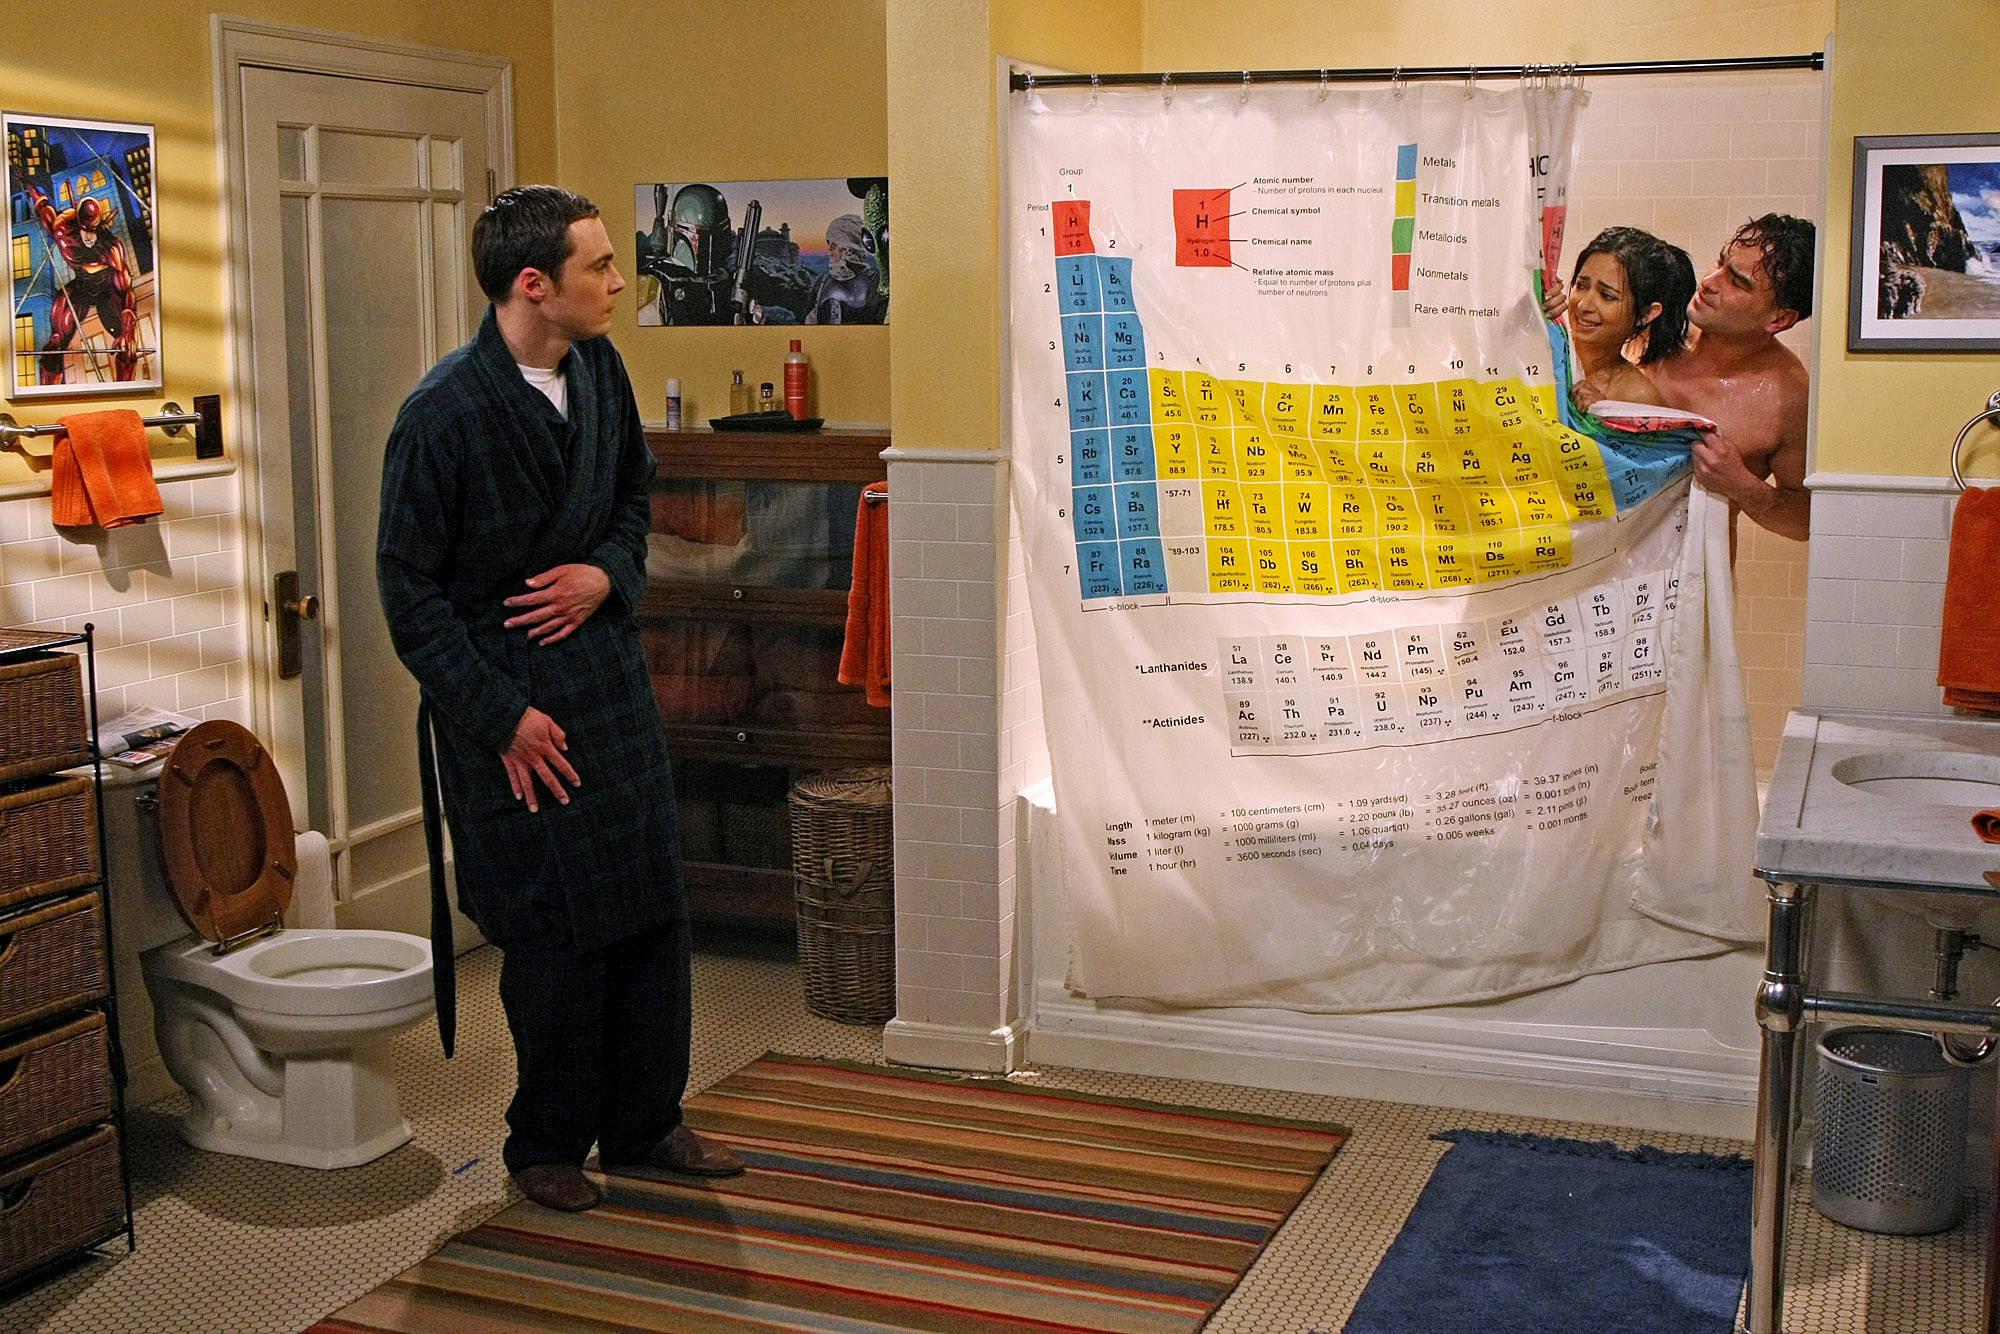 Rideau De Douche Tableau Périodique Big Bang Theory Pour tout Rideau Geek